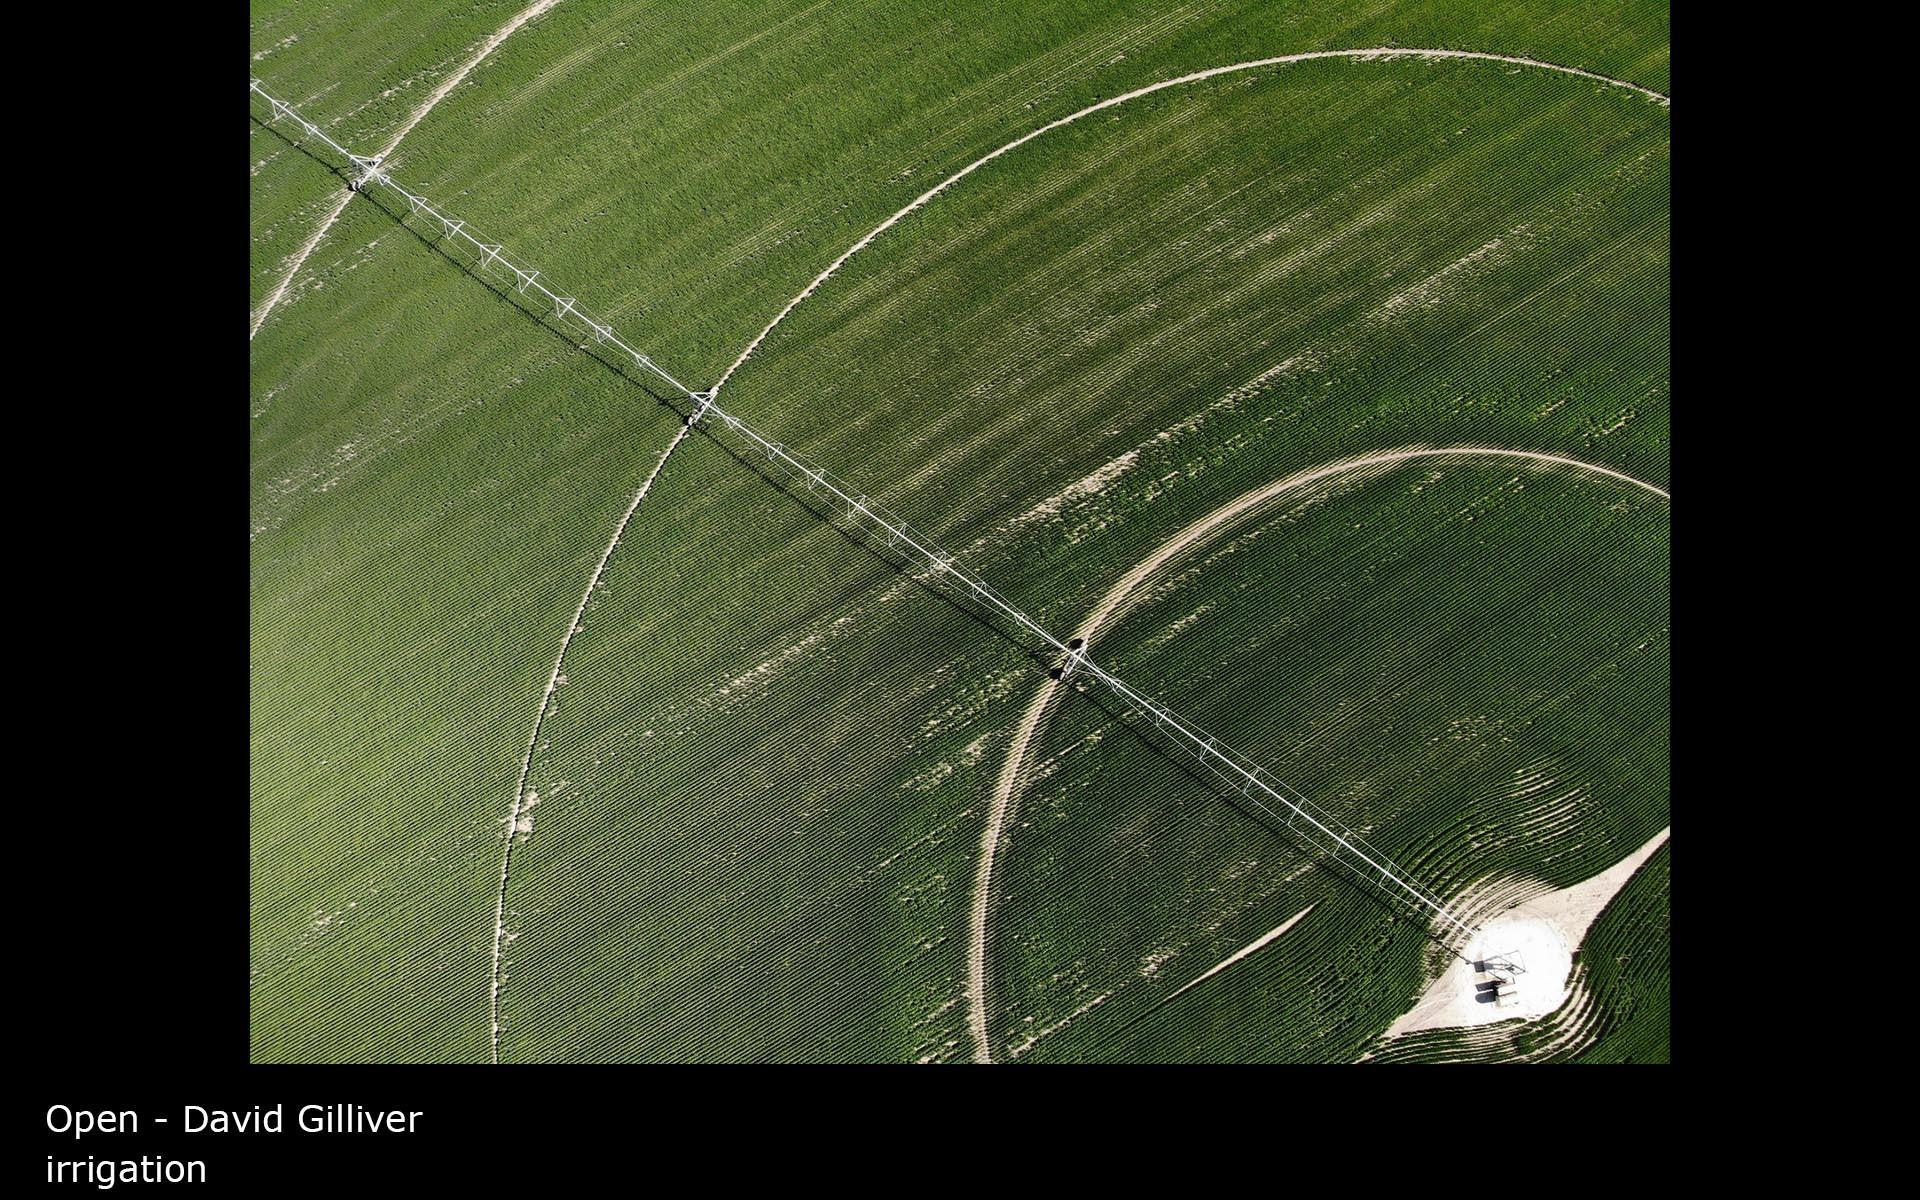 irrigation - David Gilliver